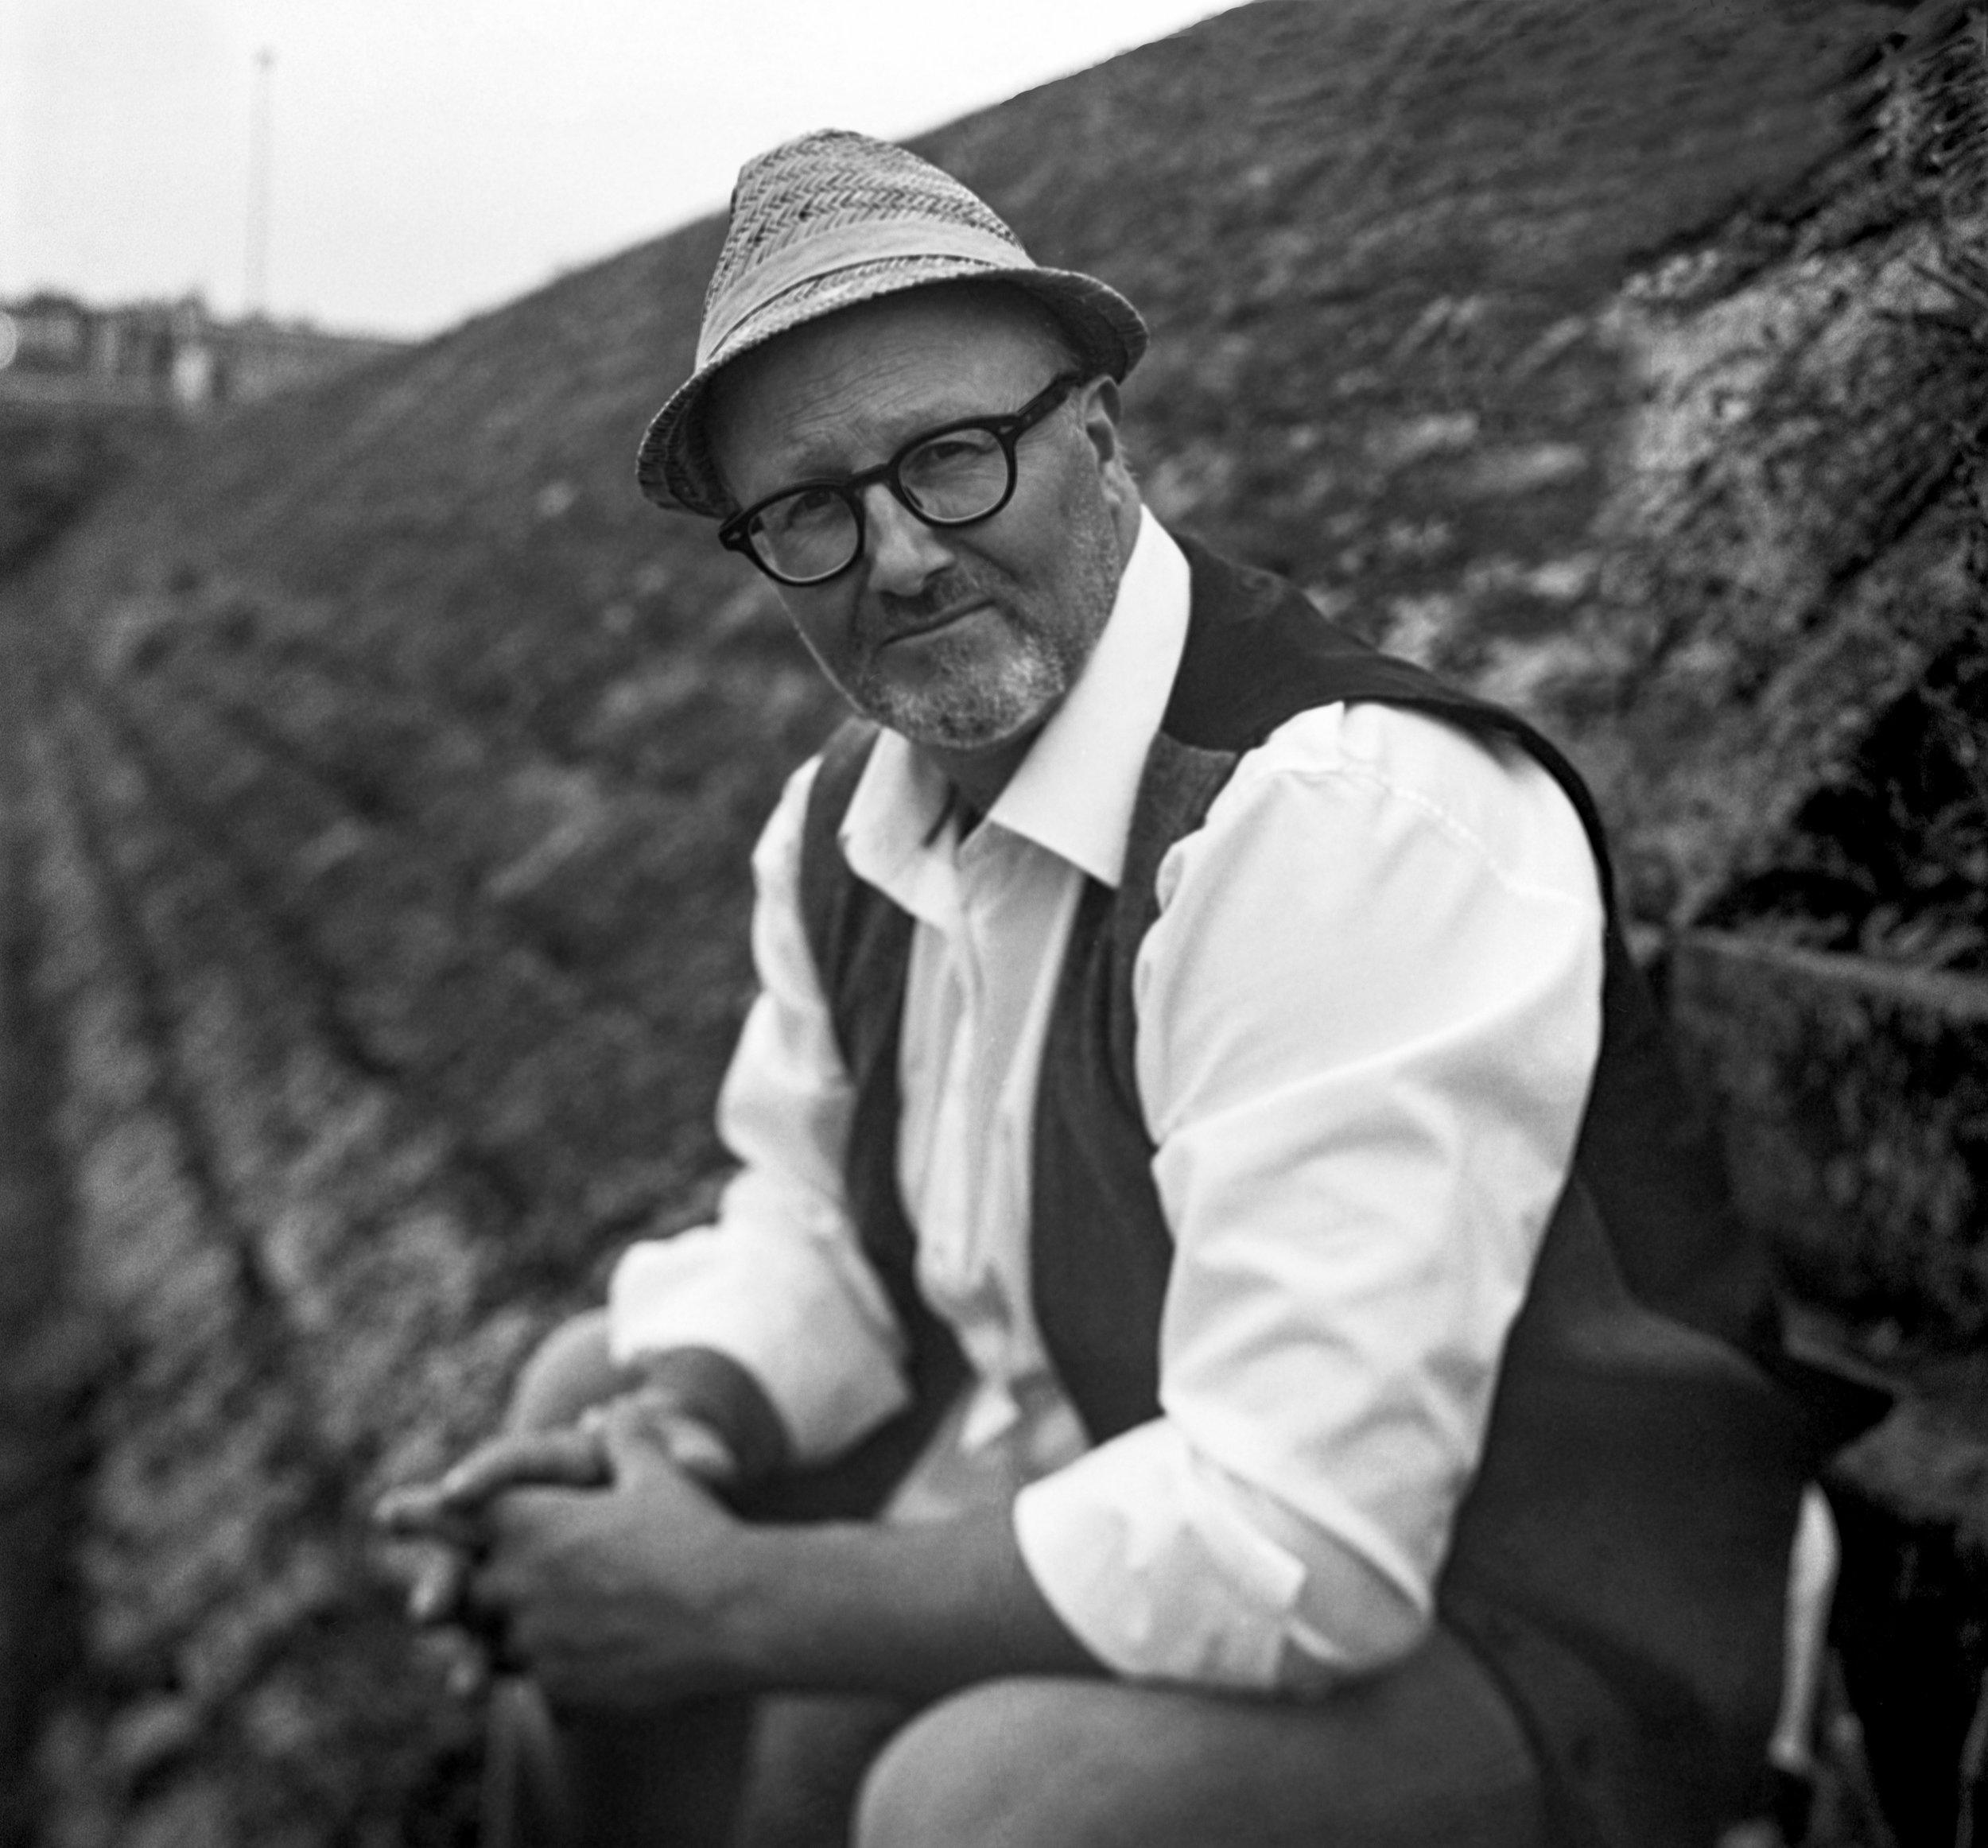 Georg Schmidt Fotograf aus Aschaffenburg Portrait Maenner Film blackandwhite Rolleiflex SL66 Film Kunstvolle Fotografie-mittelformat.jpg